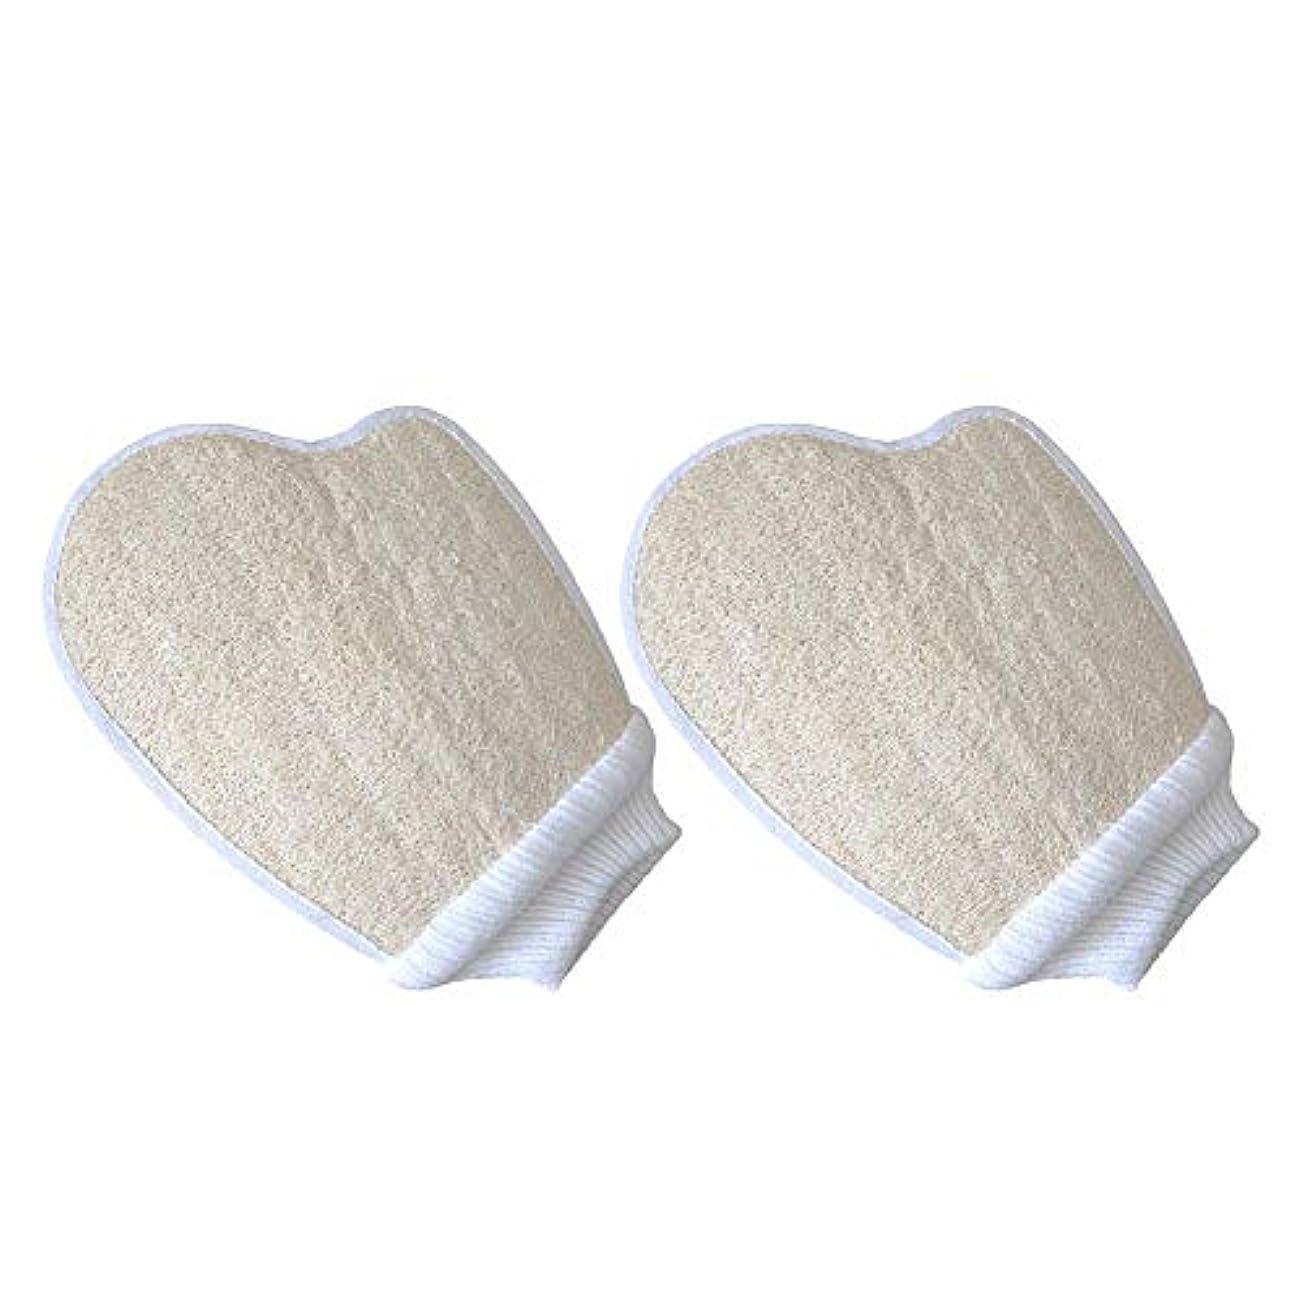 弱い必要性LUHUN 2PCSパックユニセックス女性/男性天然ヘチマ手袋、ヘチマパッド、男性用バススポンジとシャワーヘチマ-シャワー用、ボディスパマッサージデッドスキンセルリムーバー